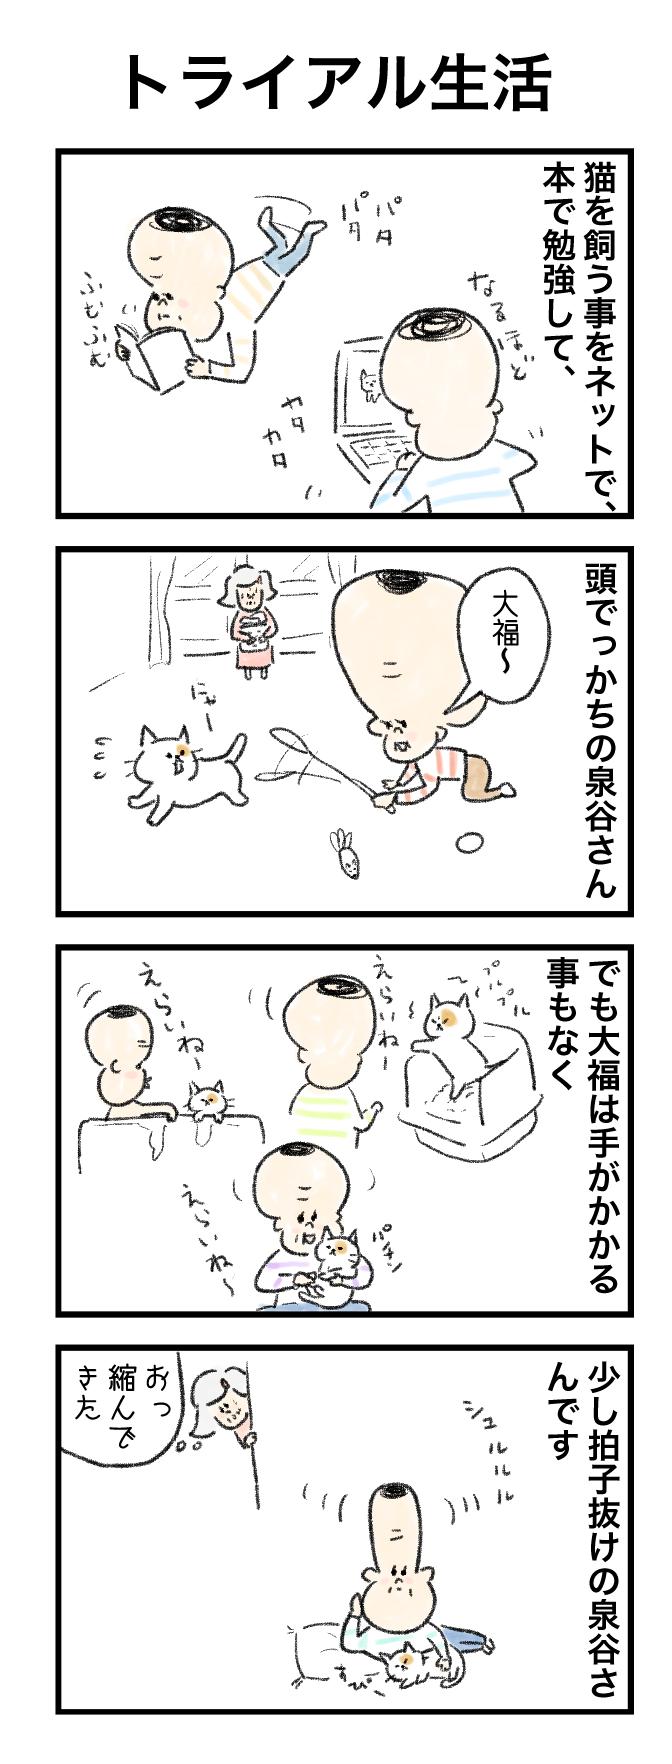 今日の泉谷さん【8】 作:カワサキヒロシ(ごとお日漫画)